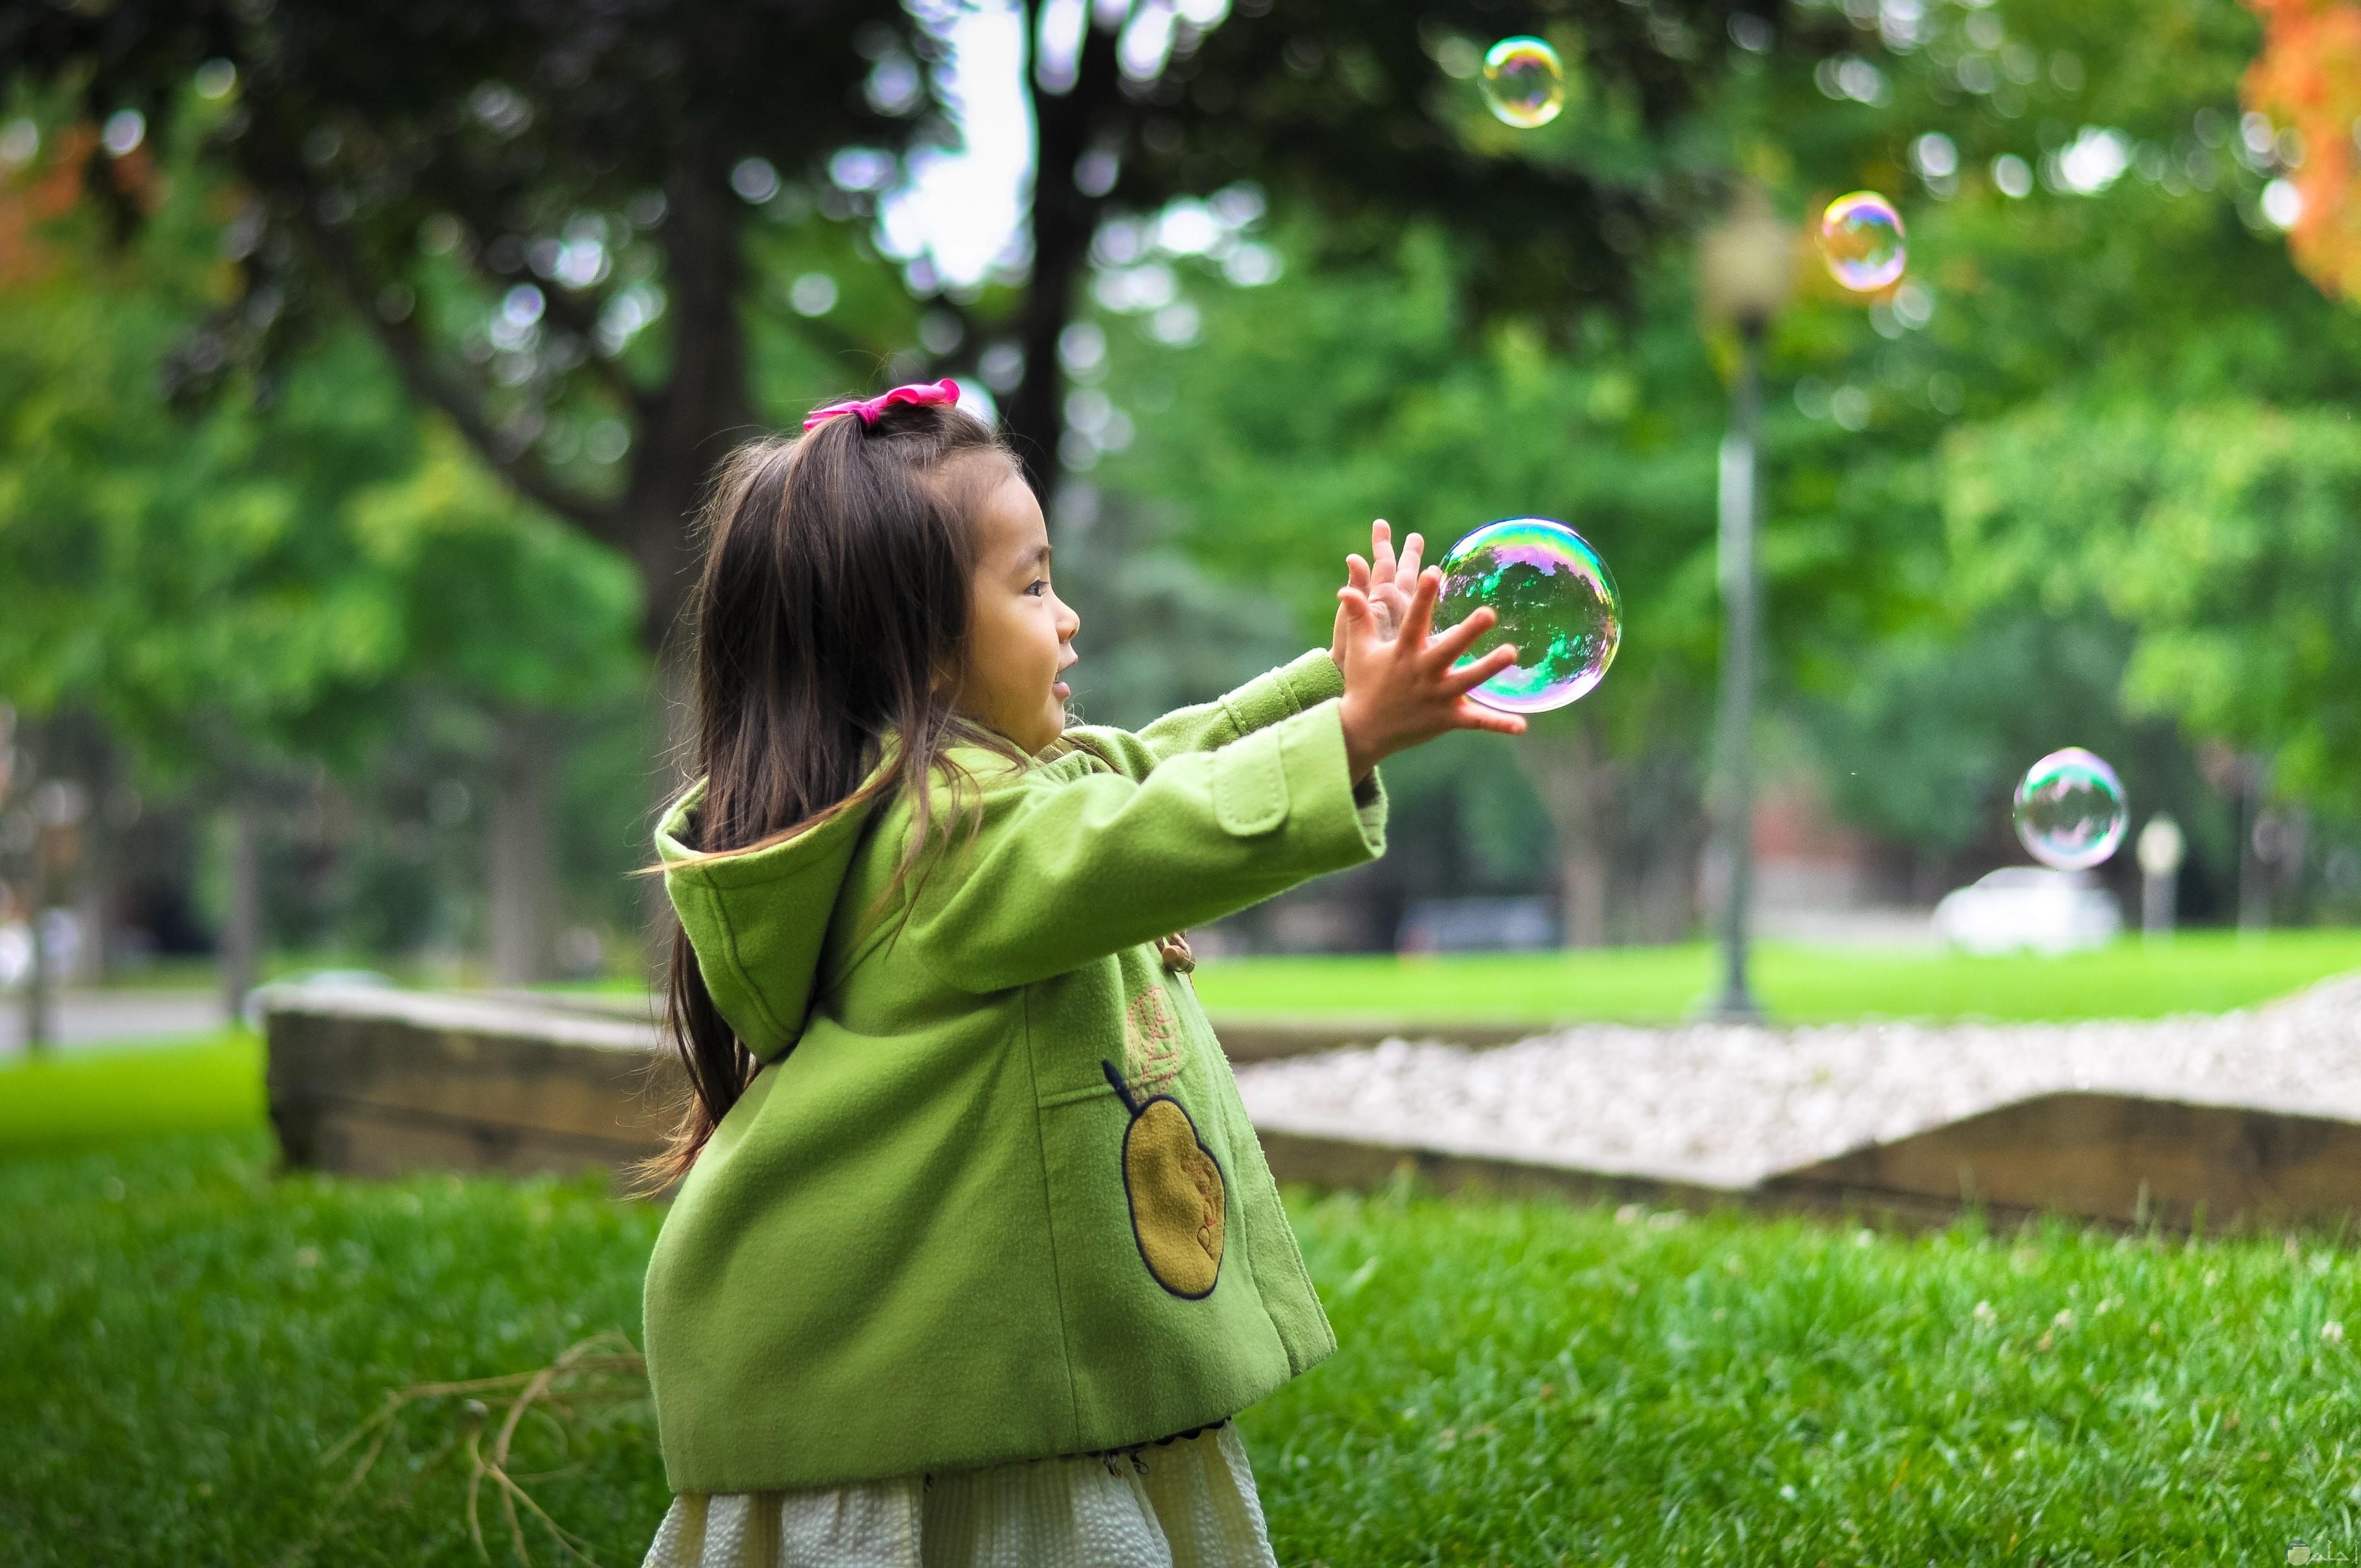 بنت تلعب بالفقاقيع وسط الحديقه